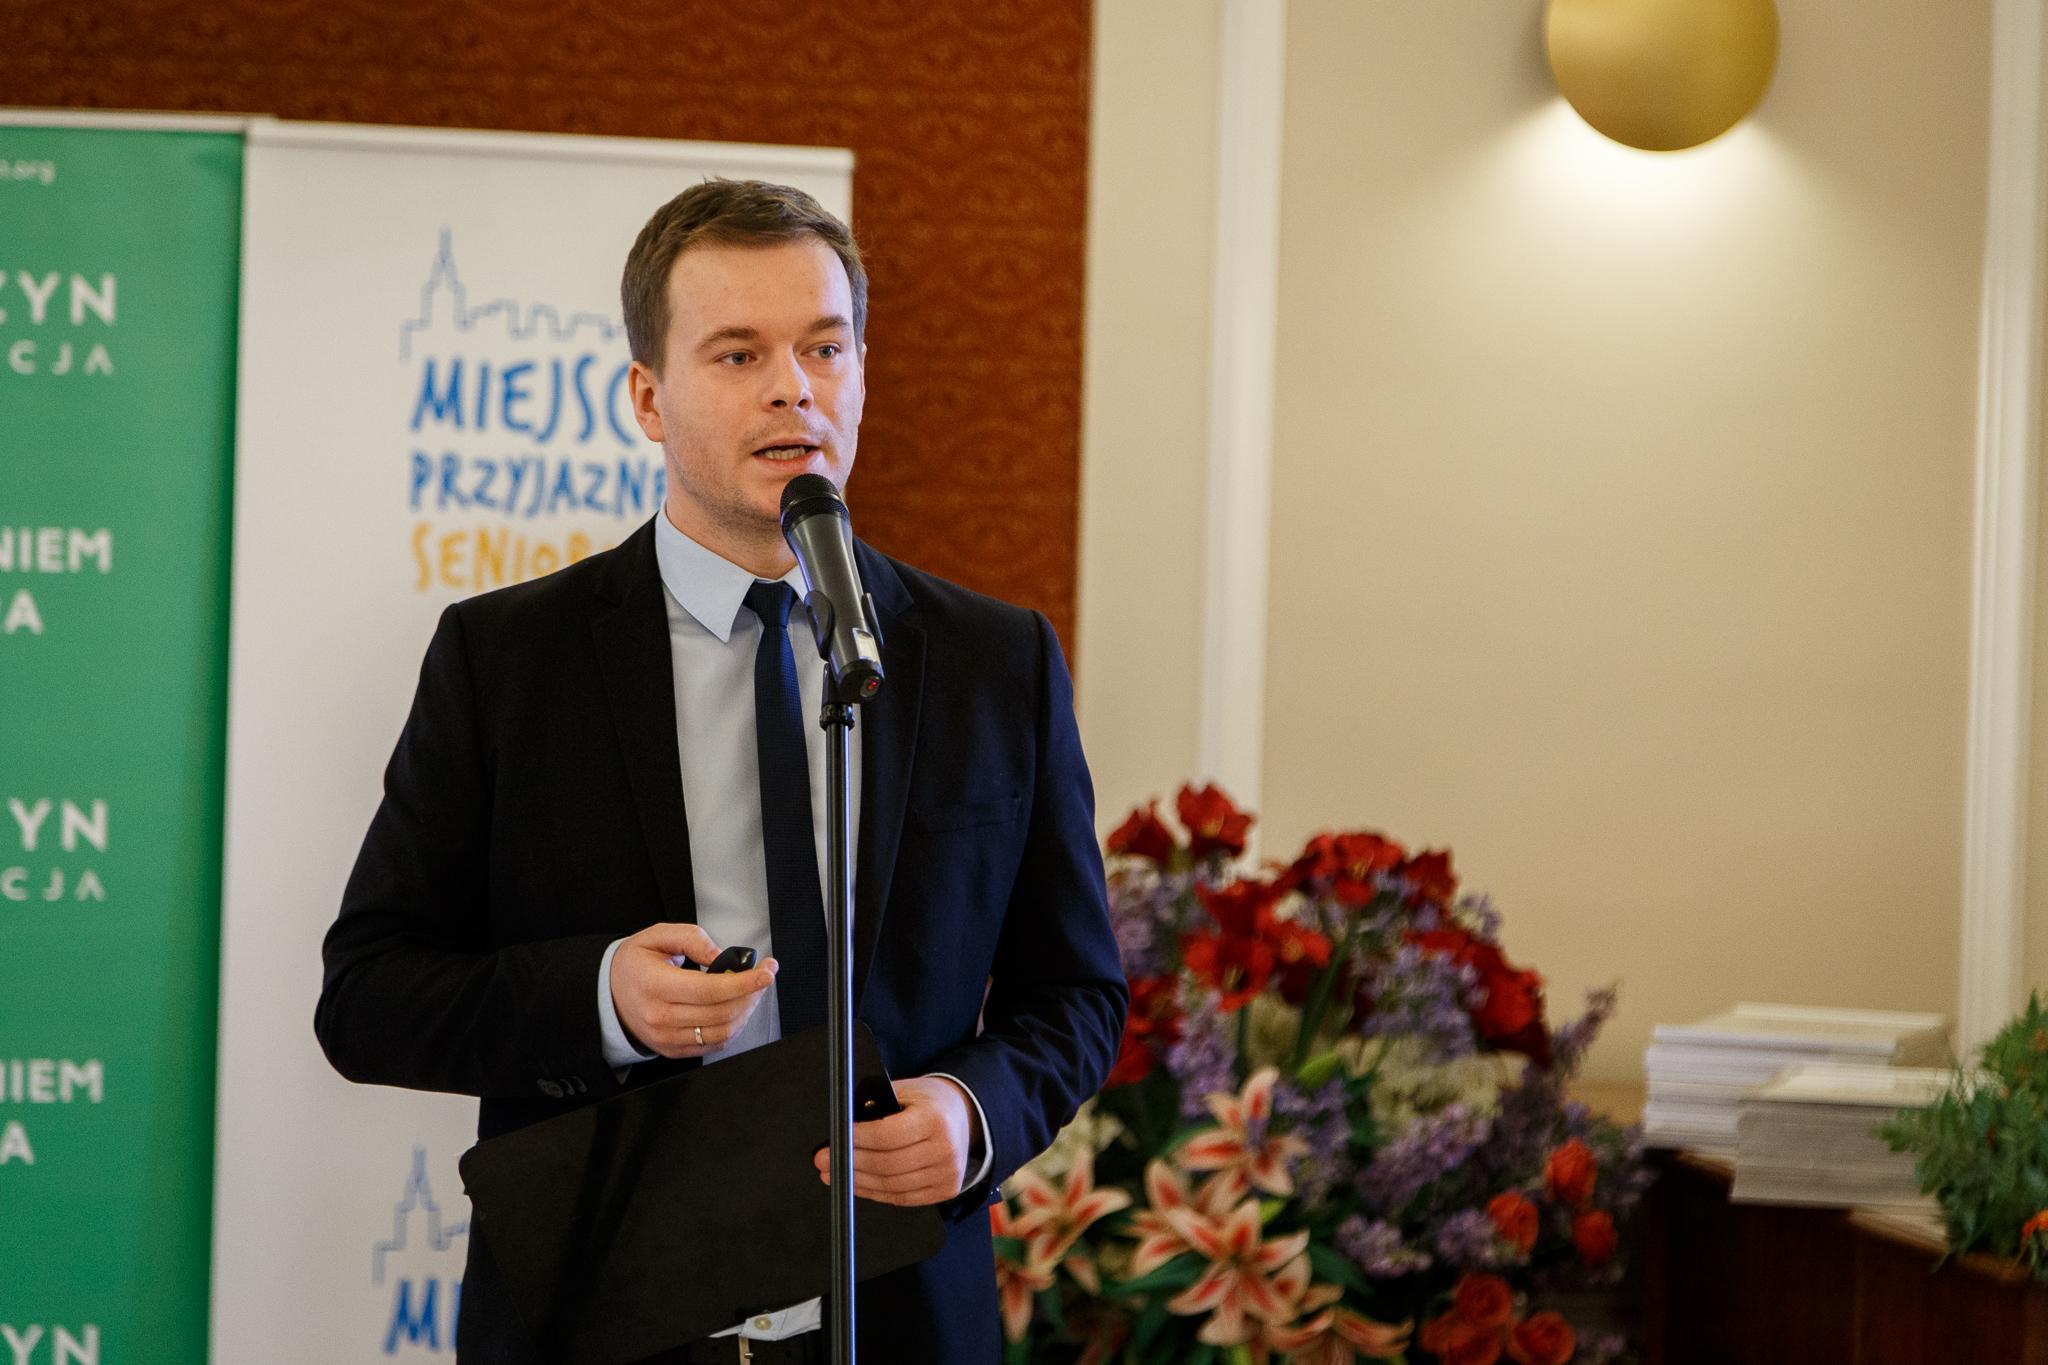 MiejsceprzyjaznesenioromWKazanecki_MG_2041